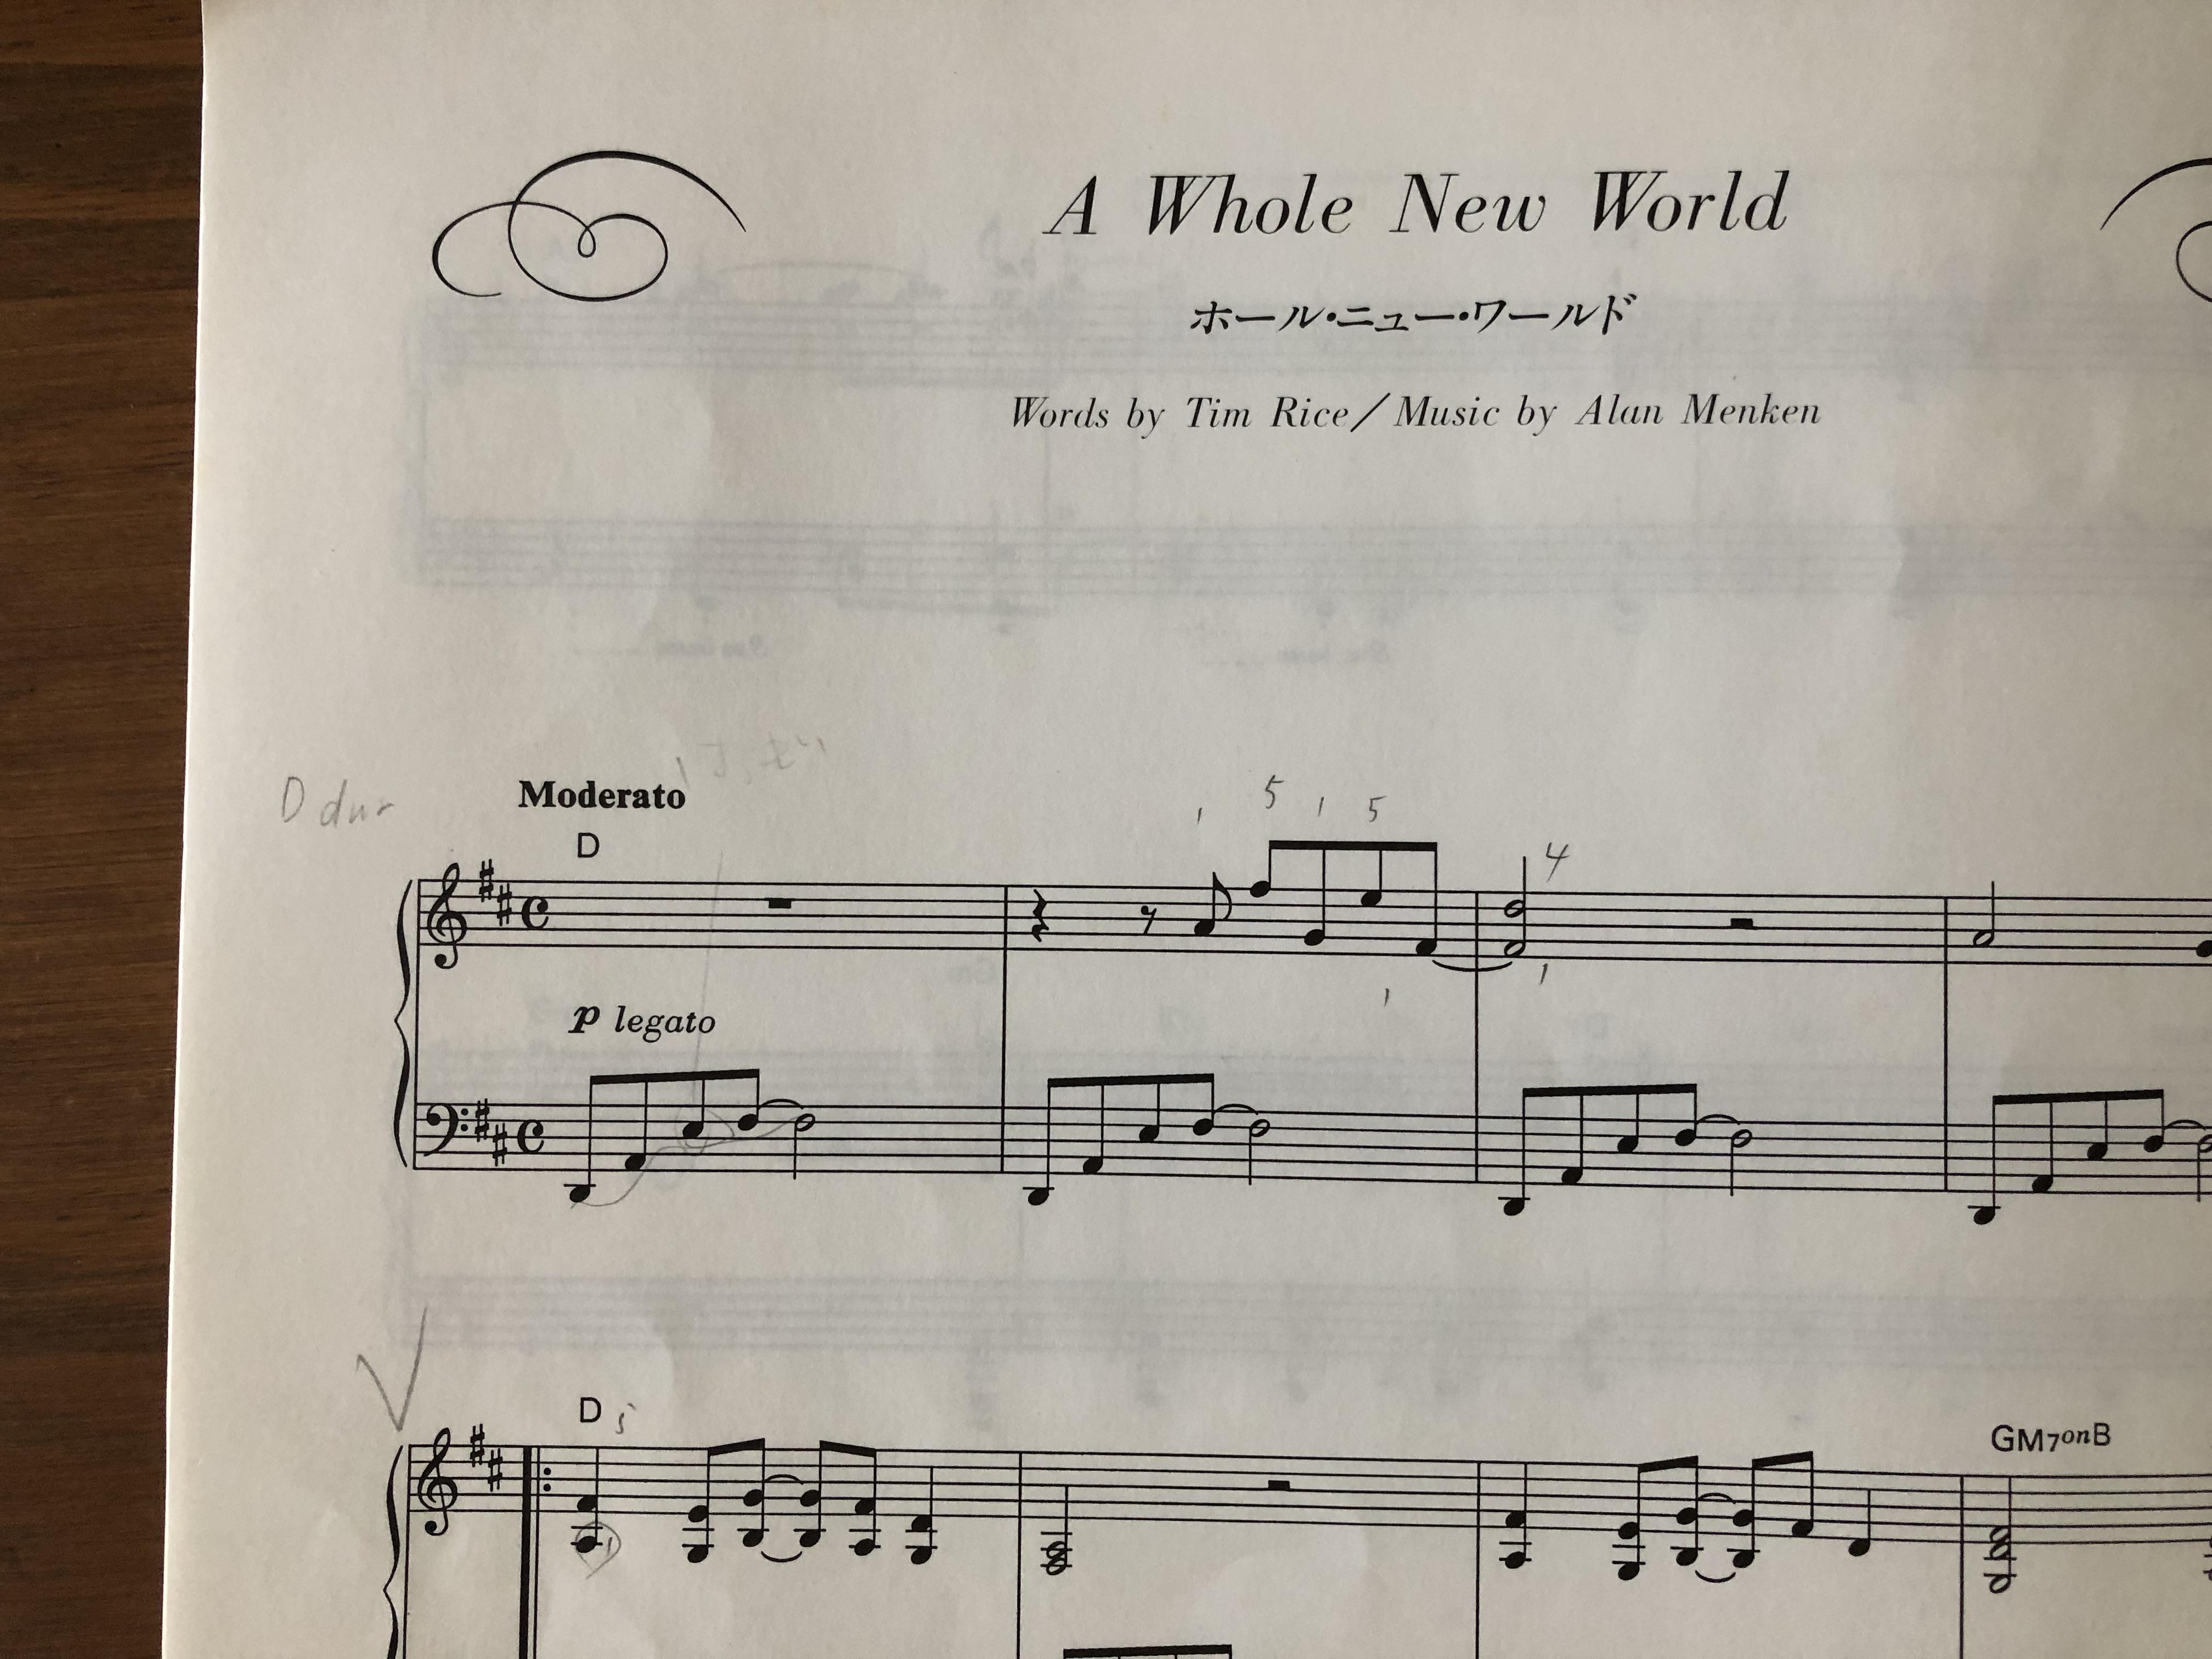 ア ホール ニュー ワールド 歌詞